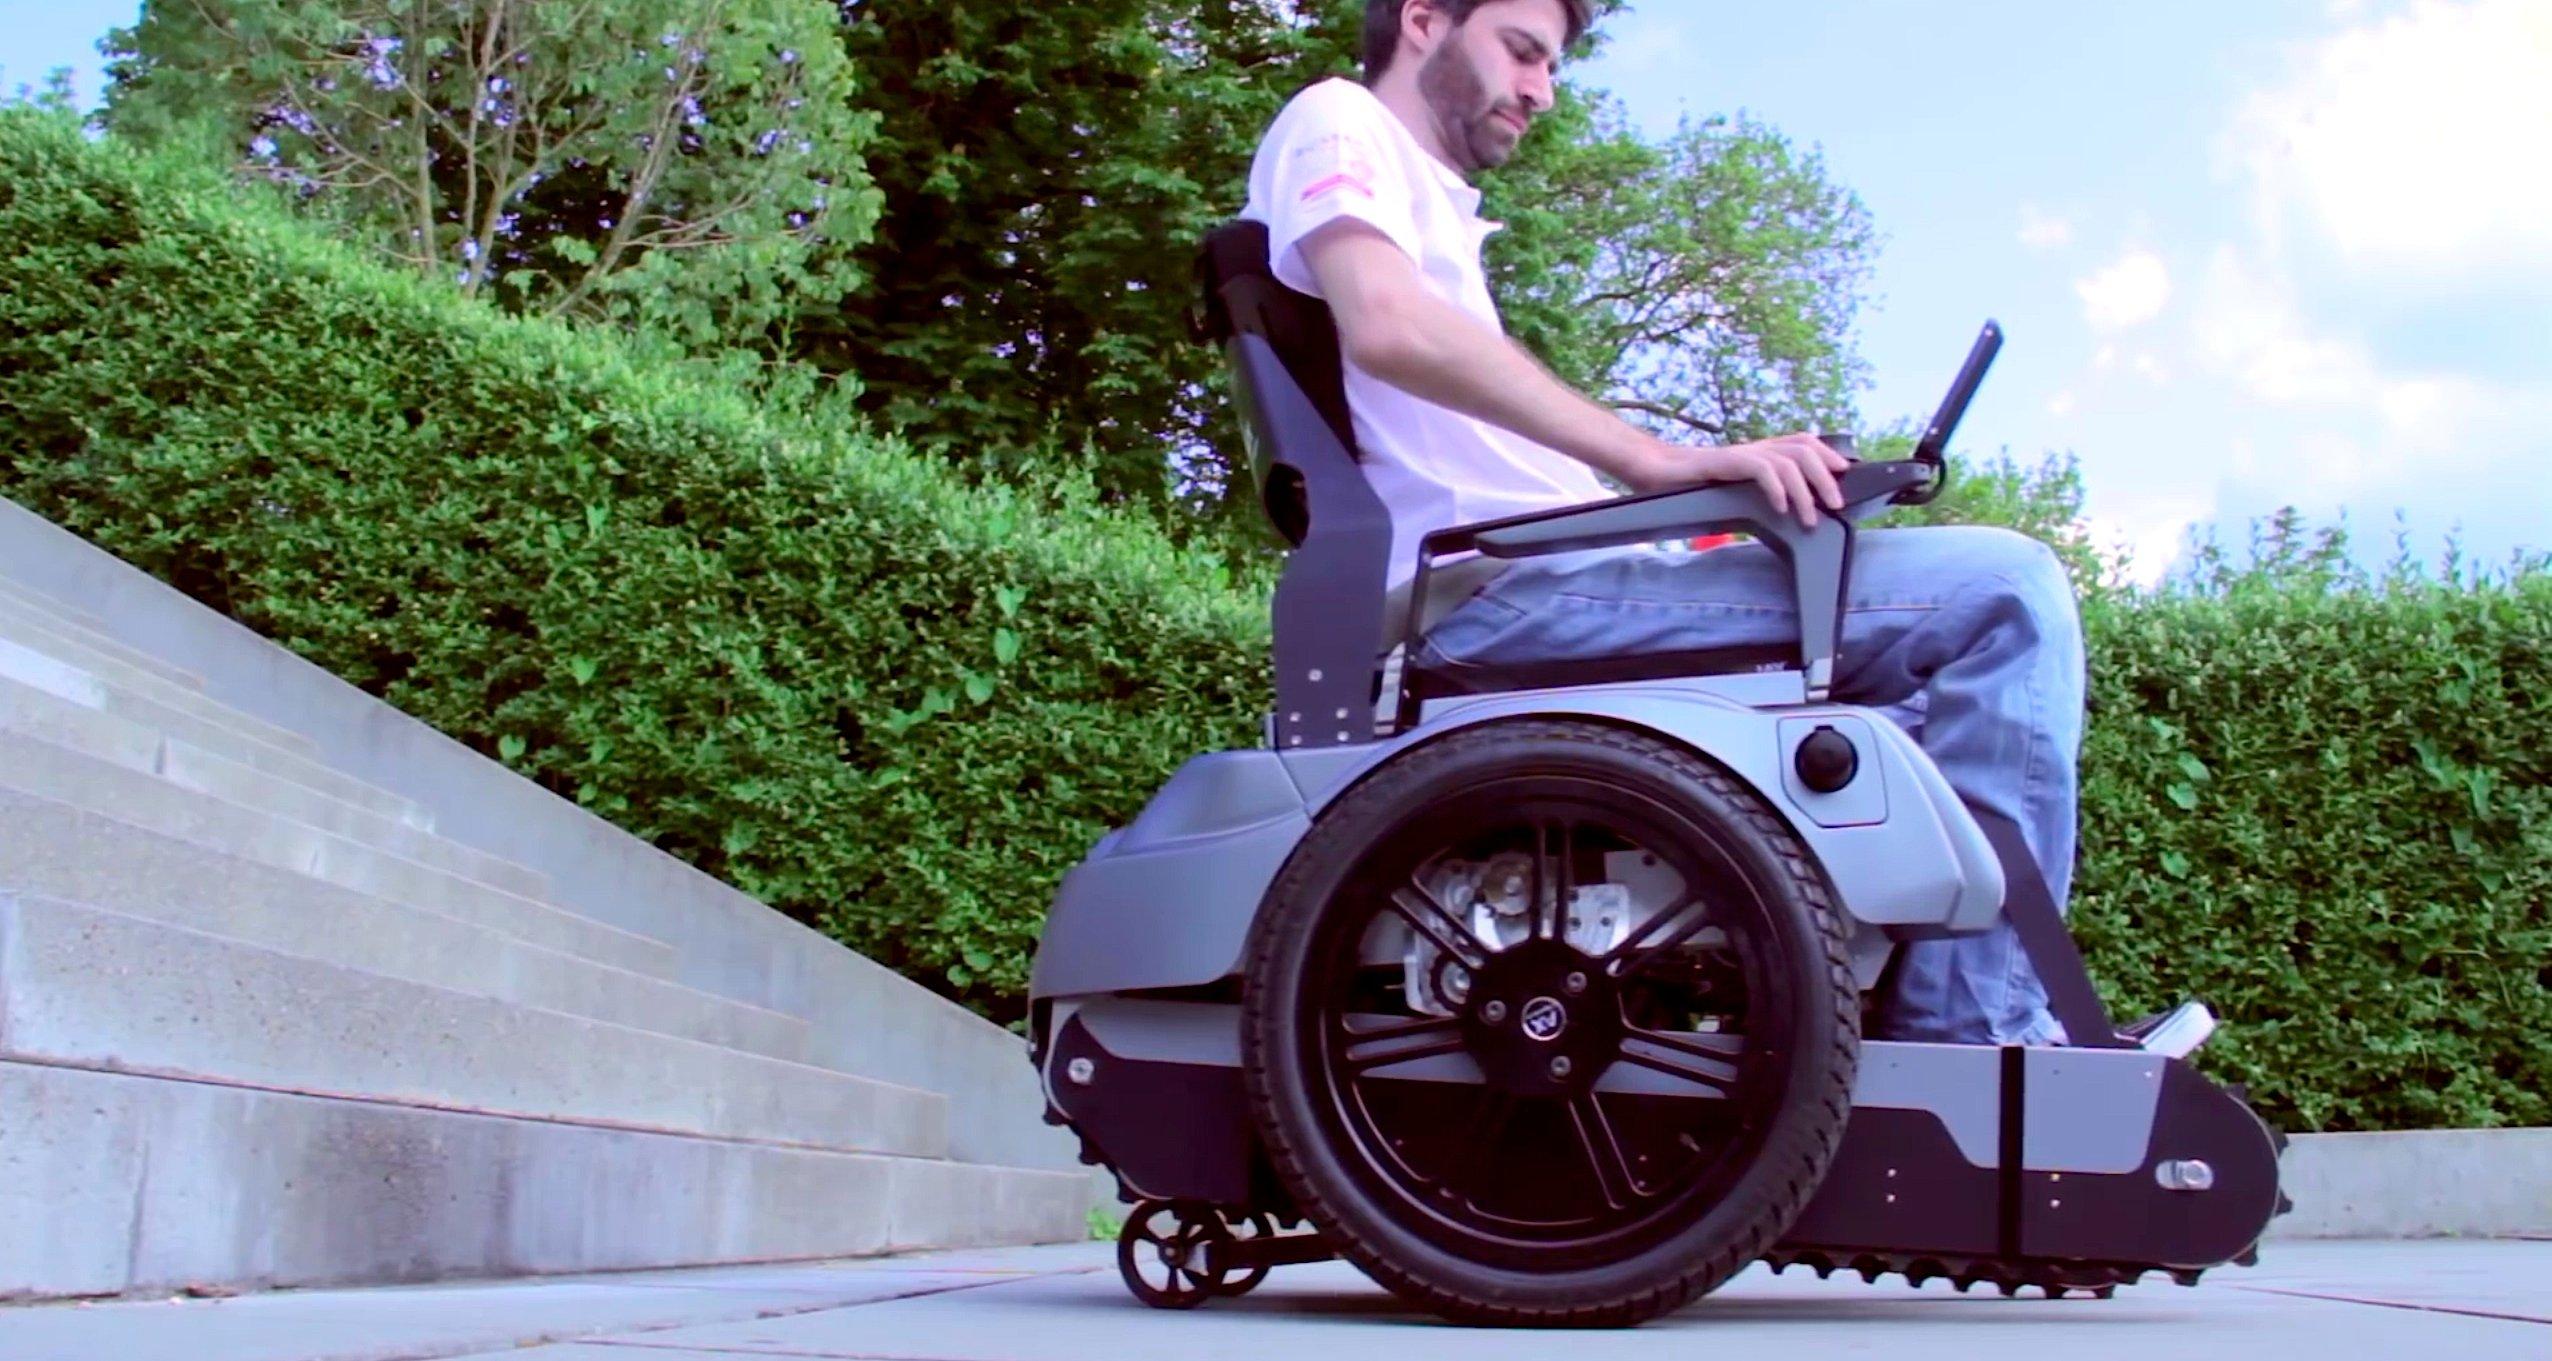 Kommt der Rollstuhlfahrer an einem Hindernis an, werden die Raupenbänder, die sonst unter dem Rollstuhl versteckt sind, zum Boden ausgefahren.